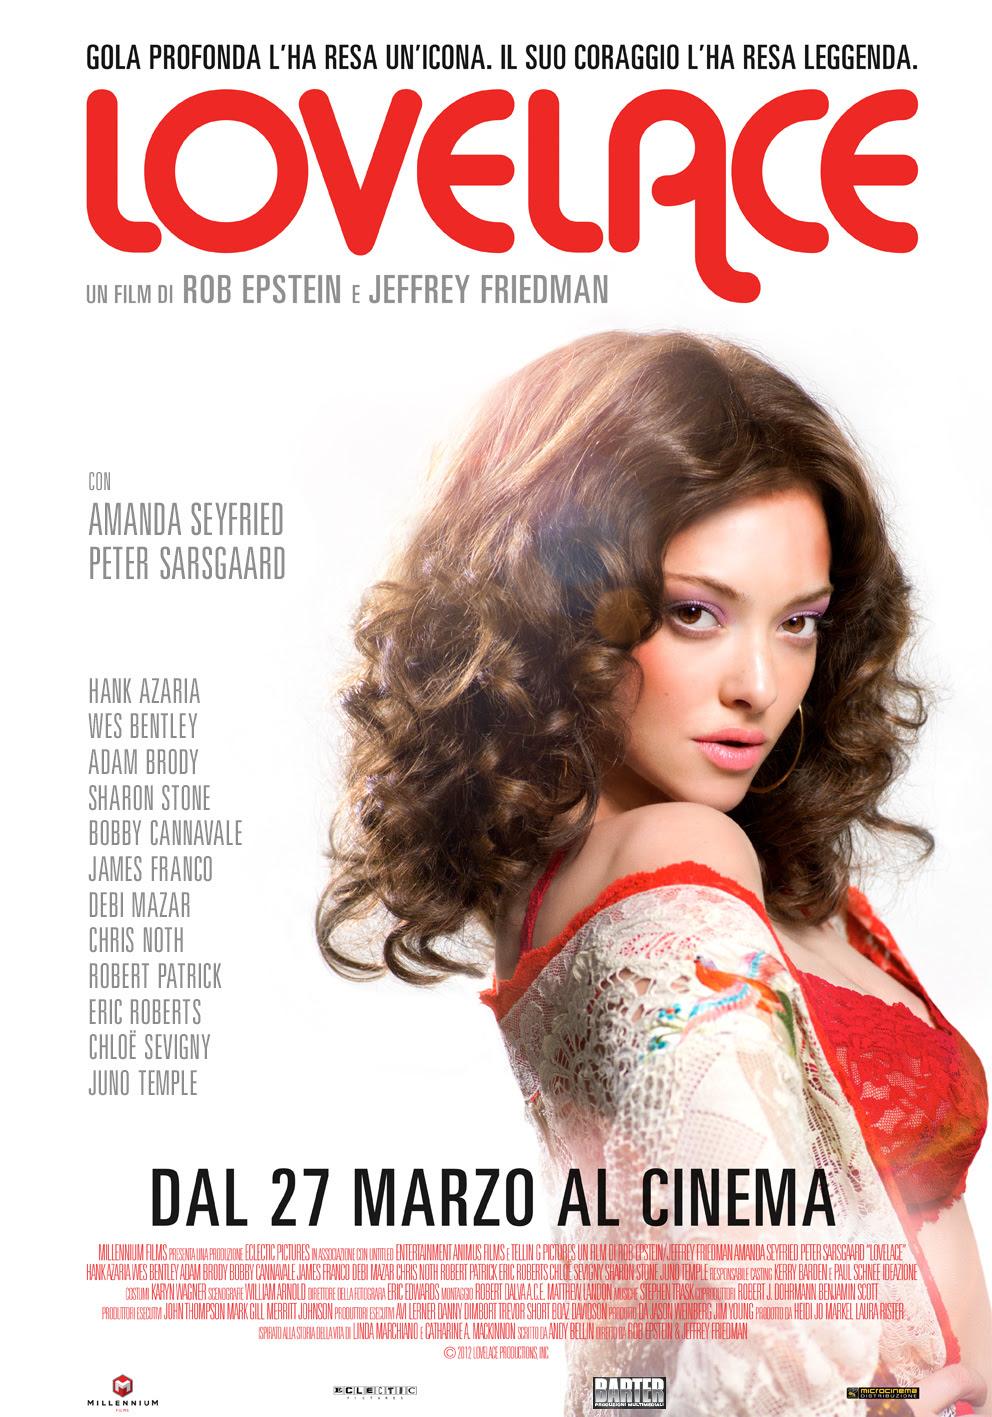 Lovelace: il trailer. La storia di Linda, protagonista di Gola Profonda VIDEO